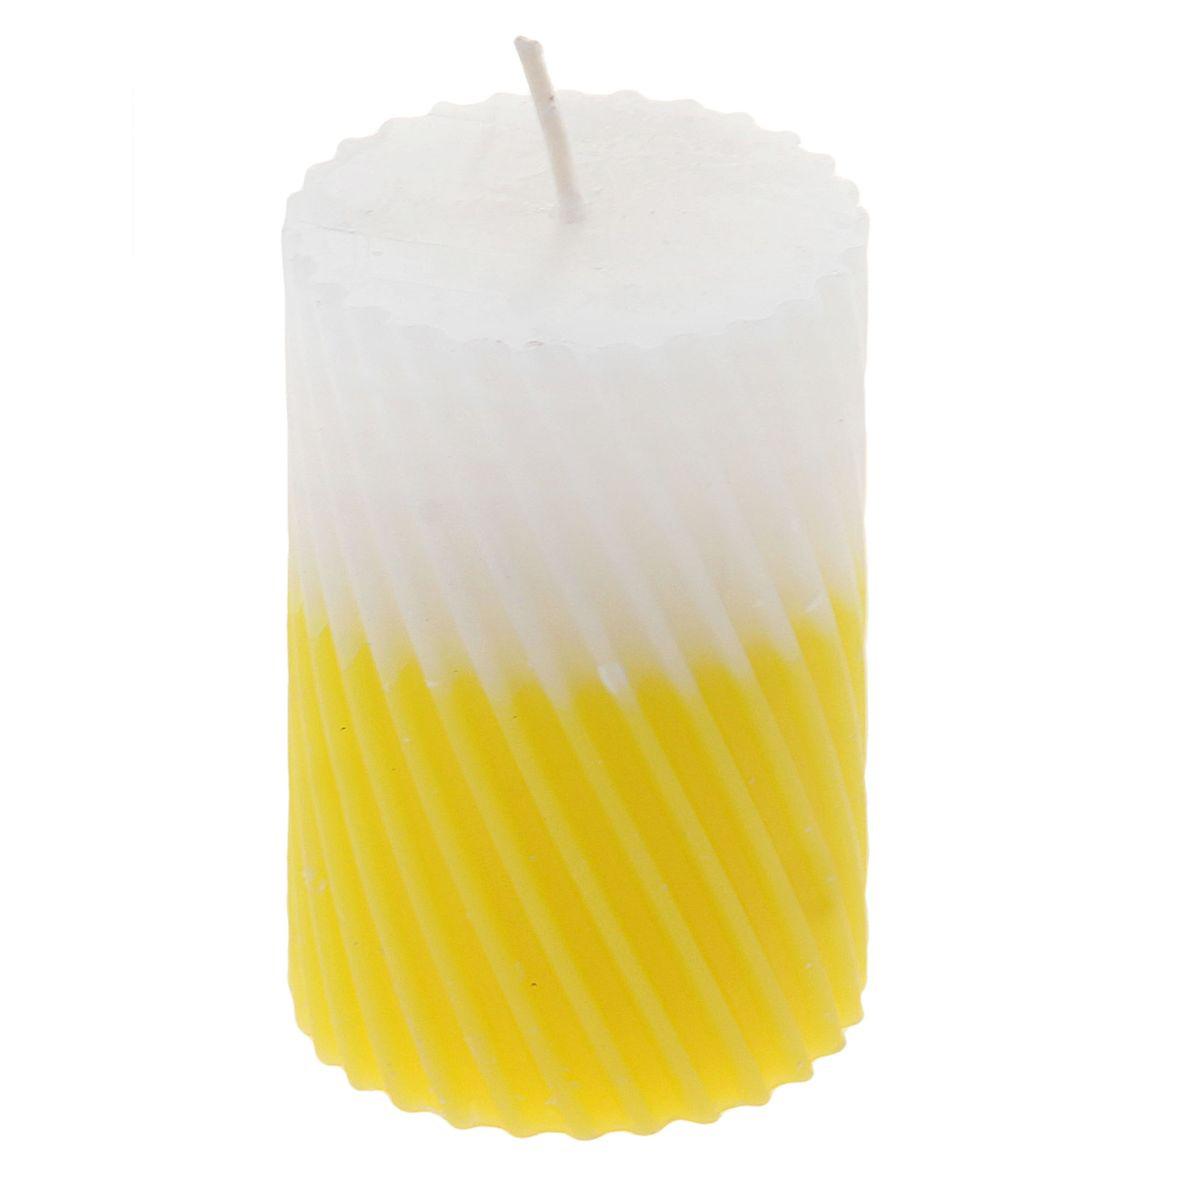 Свеча ароматизированная Sima-land Лимон, высота 7,5 см. 849539849539Свеча Sima-land Лимон выполнена из воска и оформлена резным рельефом. Свеча порадует ярким дизайном и сочным ароматом лимона, который понравится как женщинам, так и мужчинам. Создайте для себя и своих близких незабываемую атмосферу праздника в доме. Ароматическая свеча Sima-land Лимон раскрасит серые будни яркими красками.